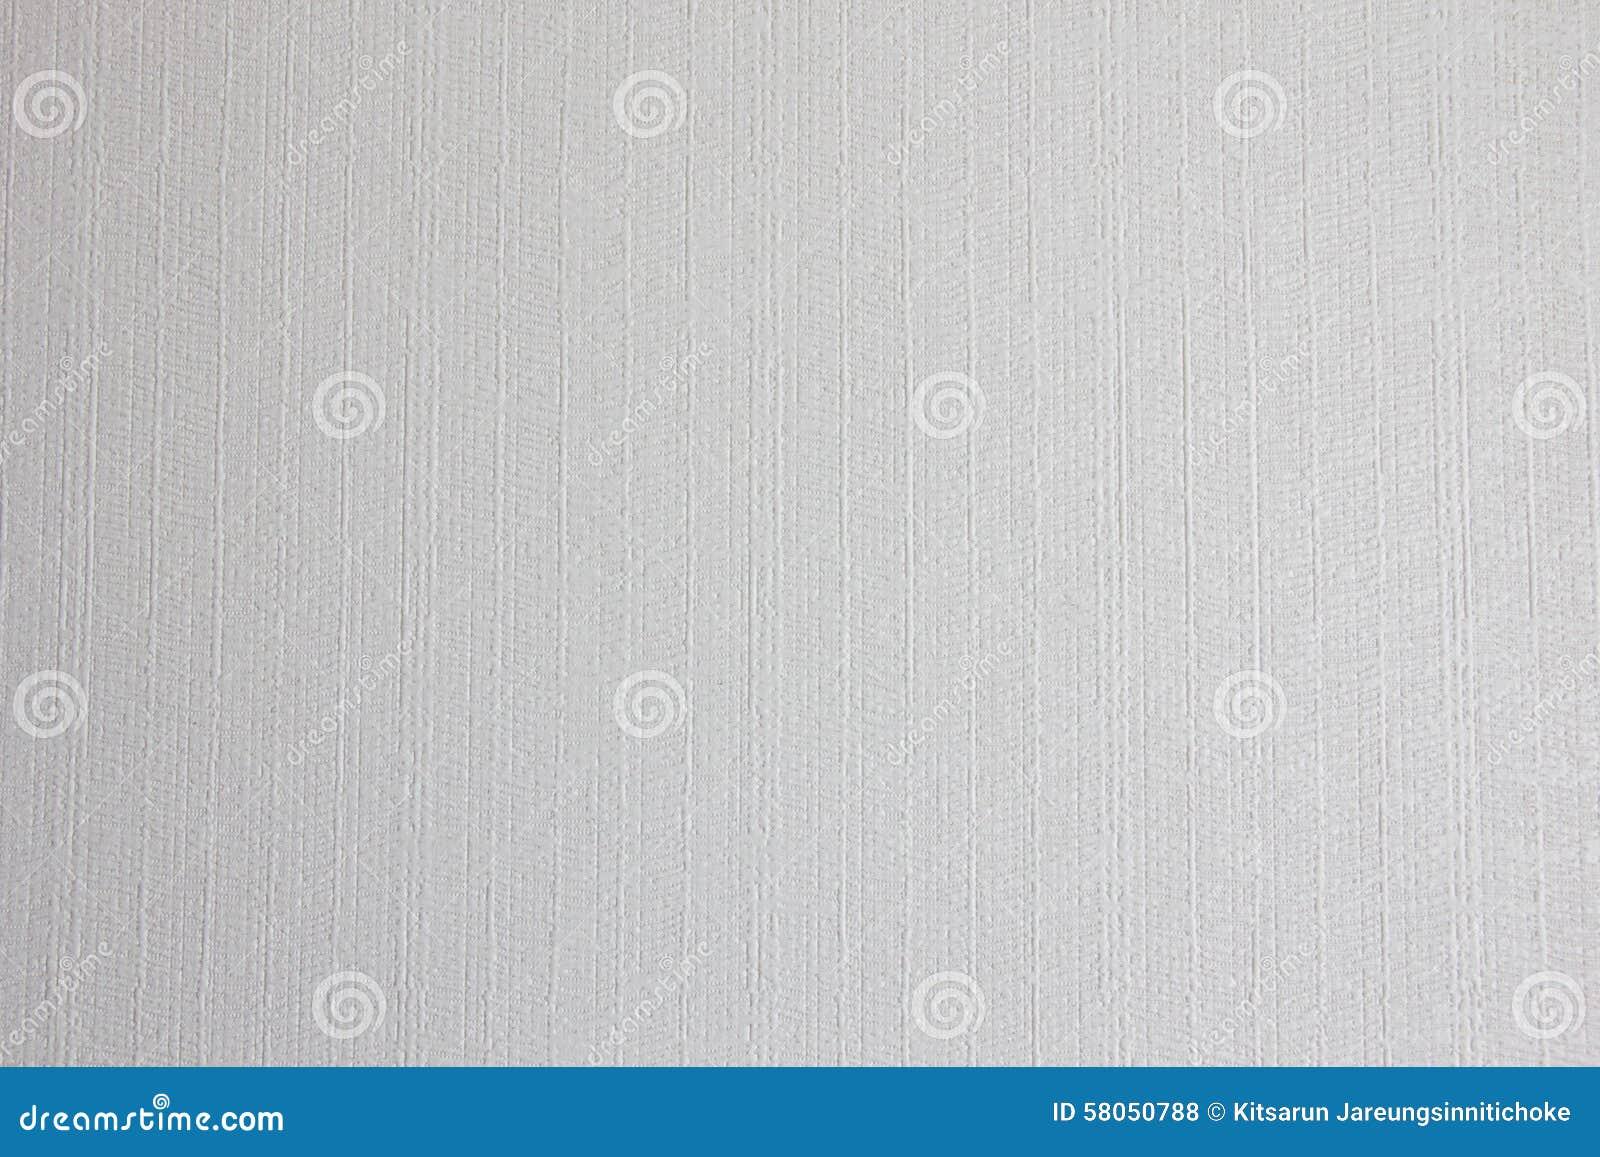 纹理墙纸白色